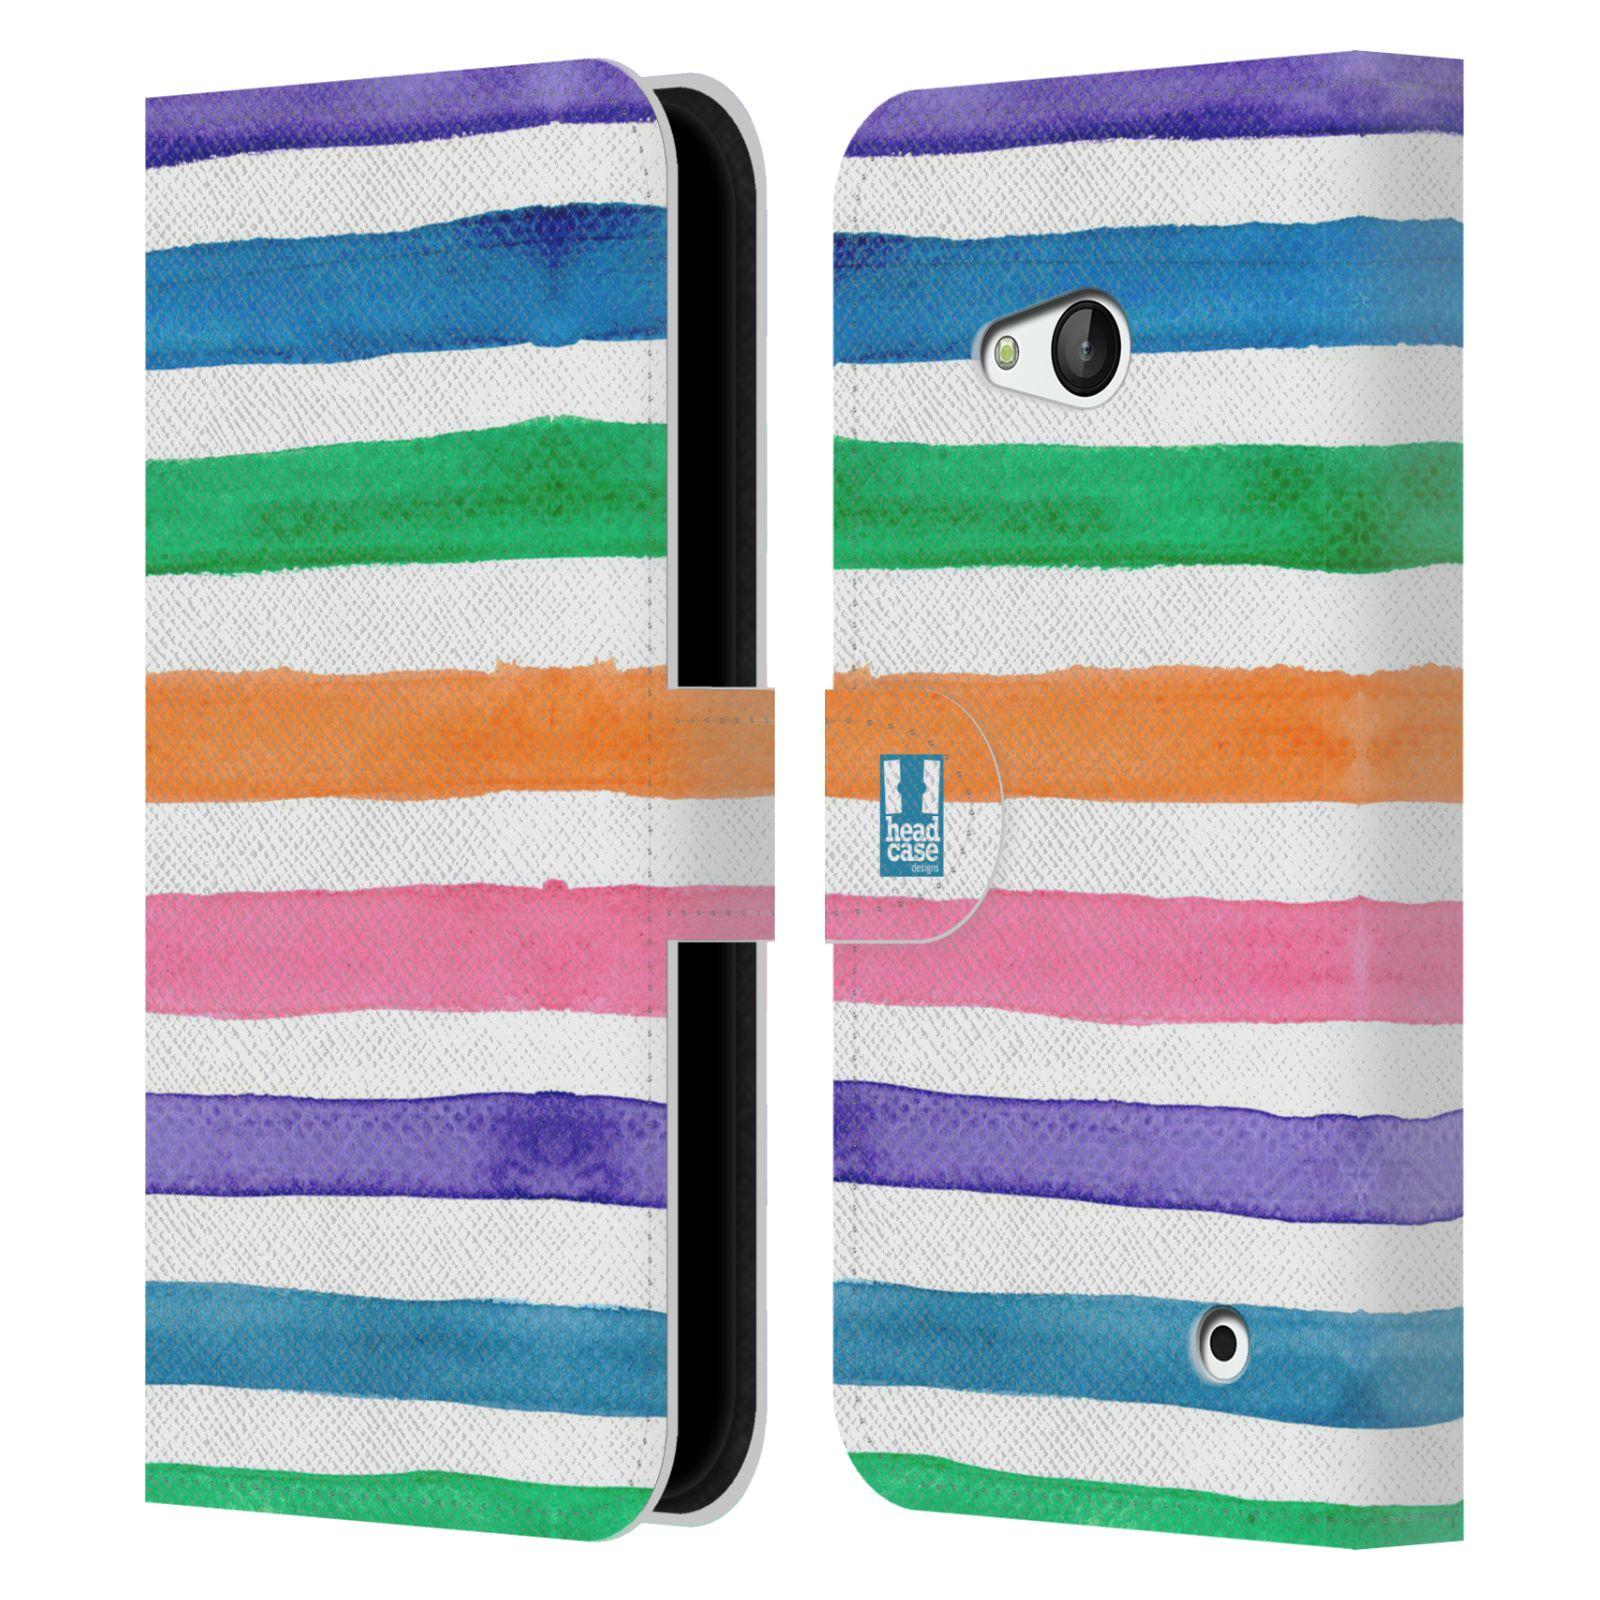 HEAD CASE Flipové pouzdro pro mobil NOKIA / MICROSOFT LUMIA 640 / LUMIA 640 DUAL barevné pruhy duha